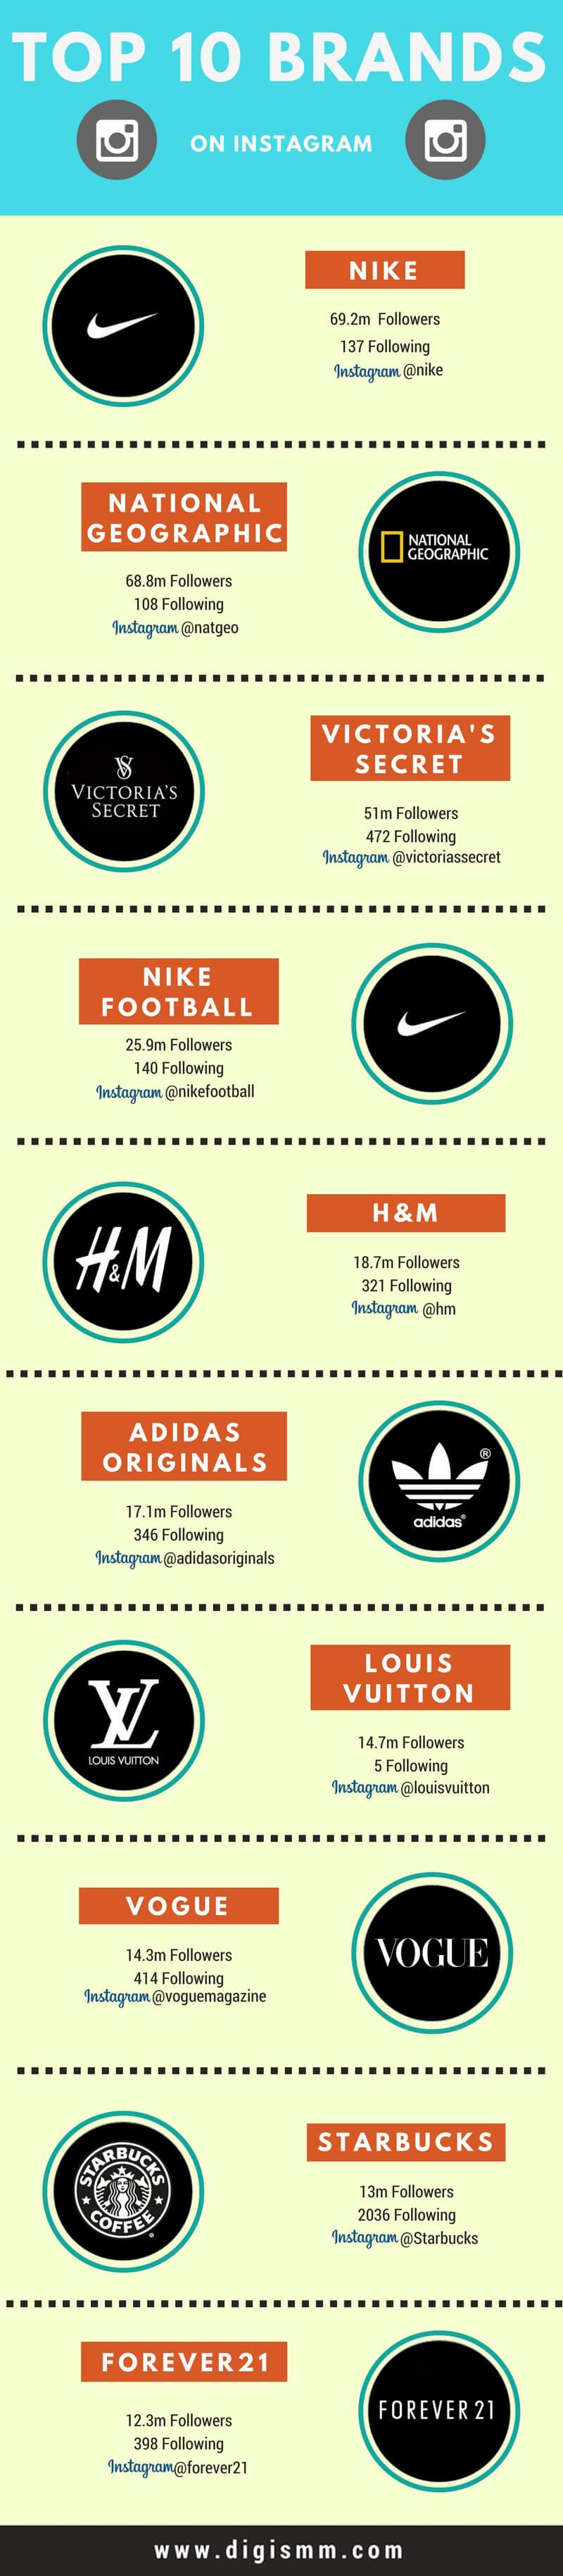 Top 10 Brands On Instagram in 2017